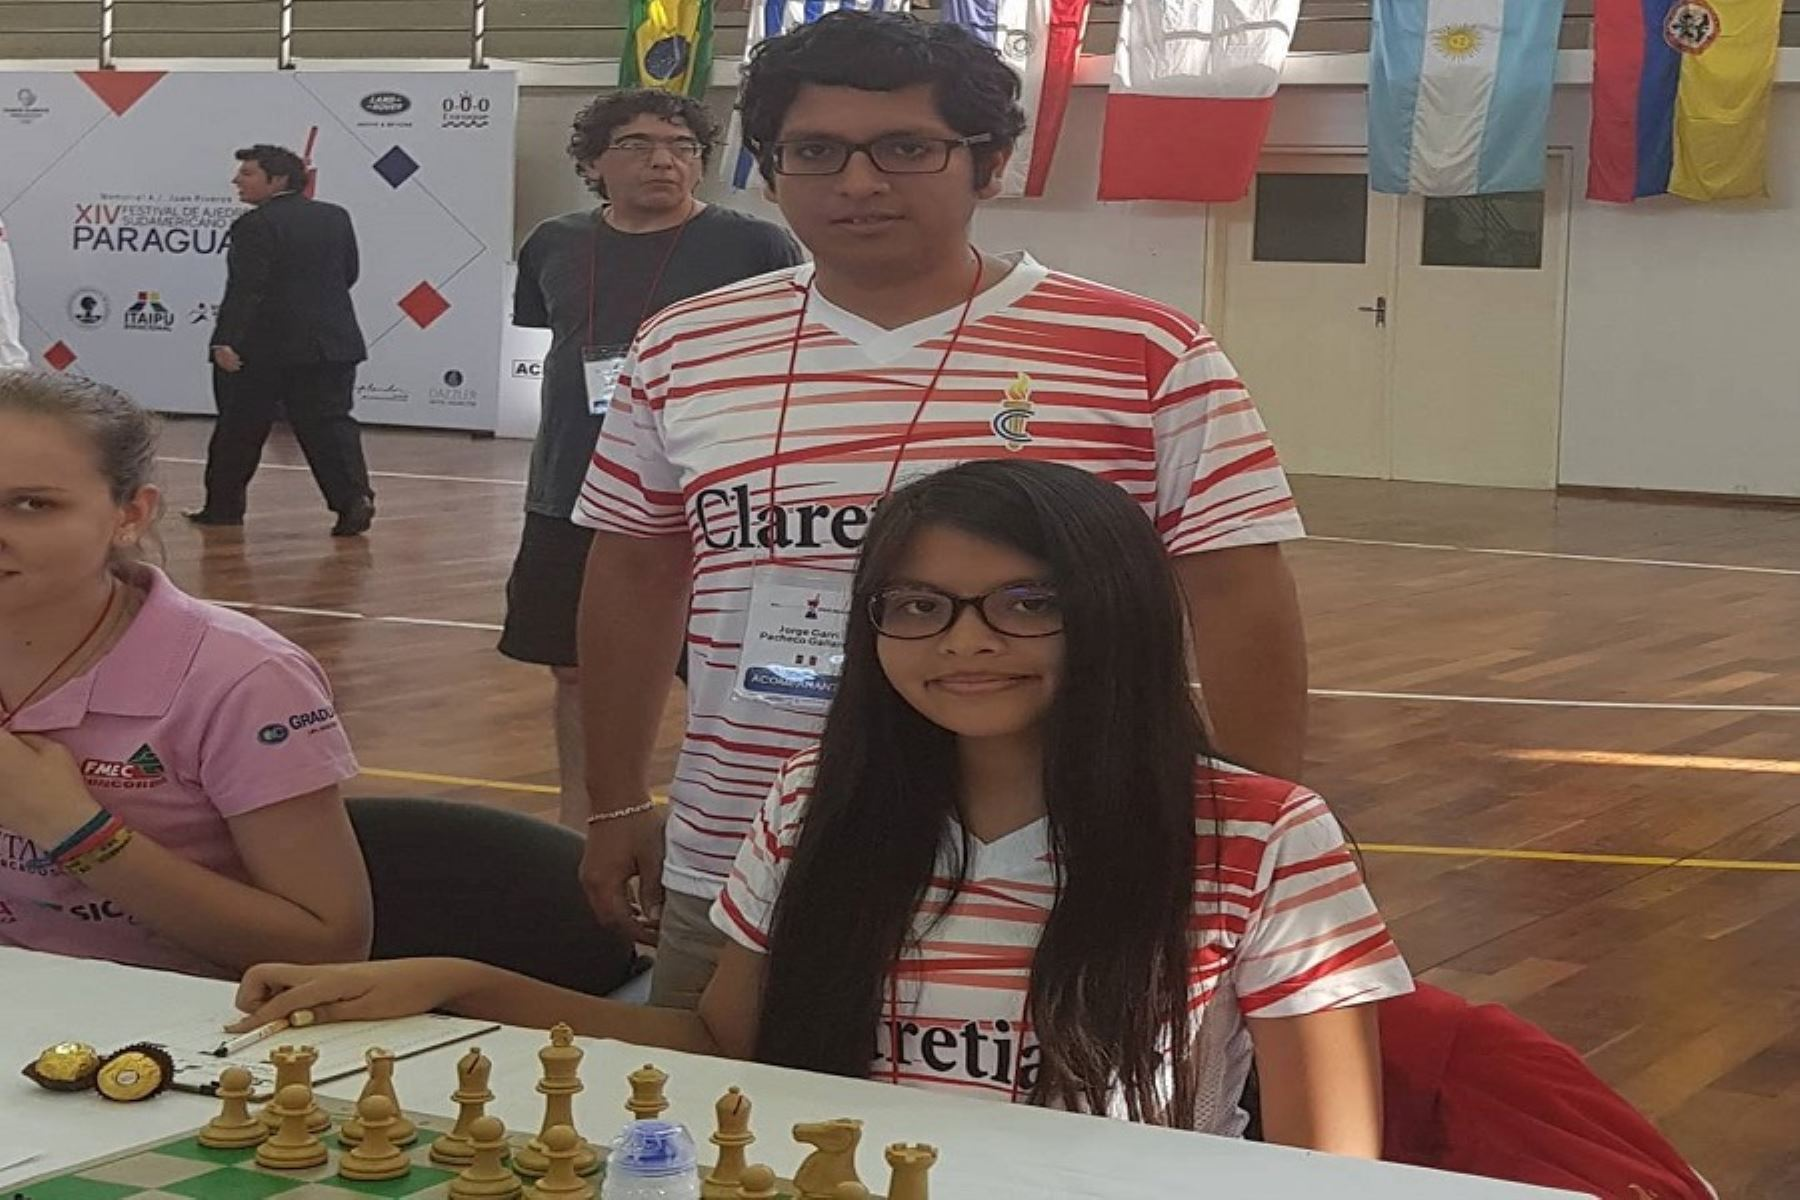 Stephanie Puppi y su entrenador, Garri Pacheco, buscan la consagración en el ajedrez.